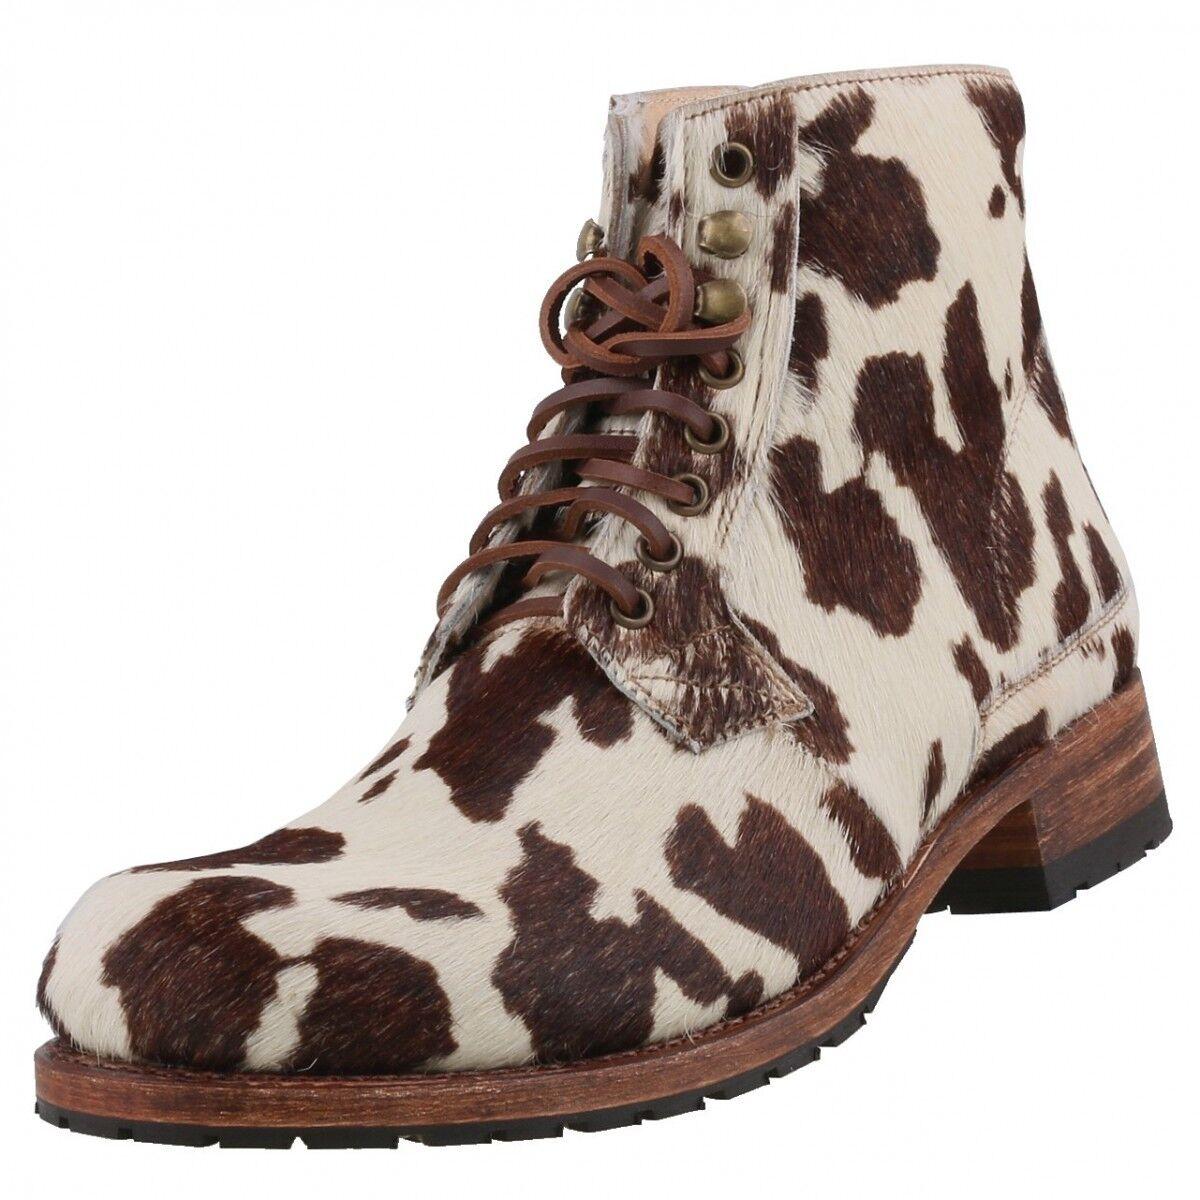 Nuevo sendra botas CABALLERO zapatos botas Cowhide Oktoberfest Wiesn señores botas